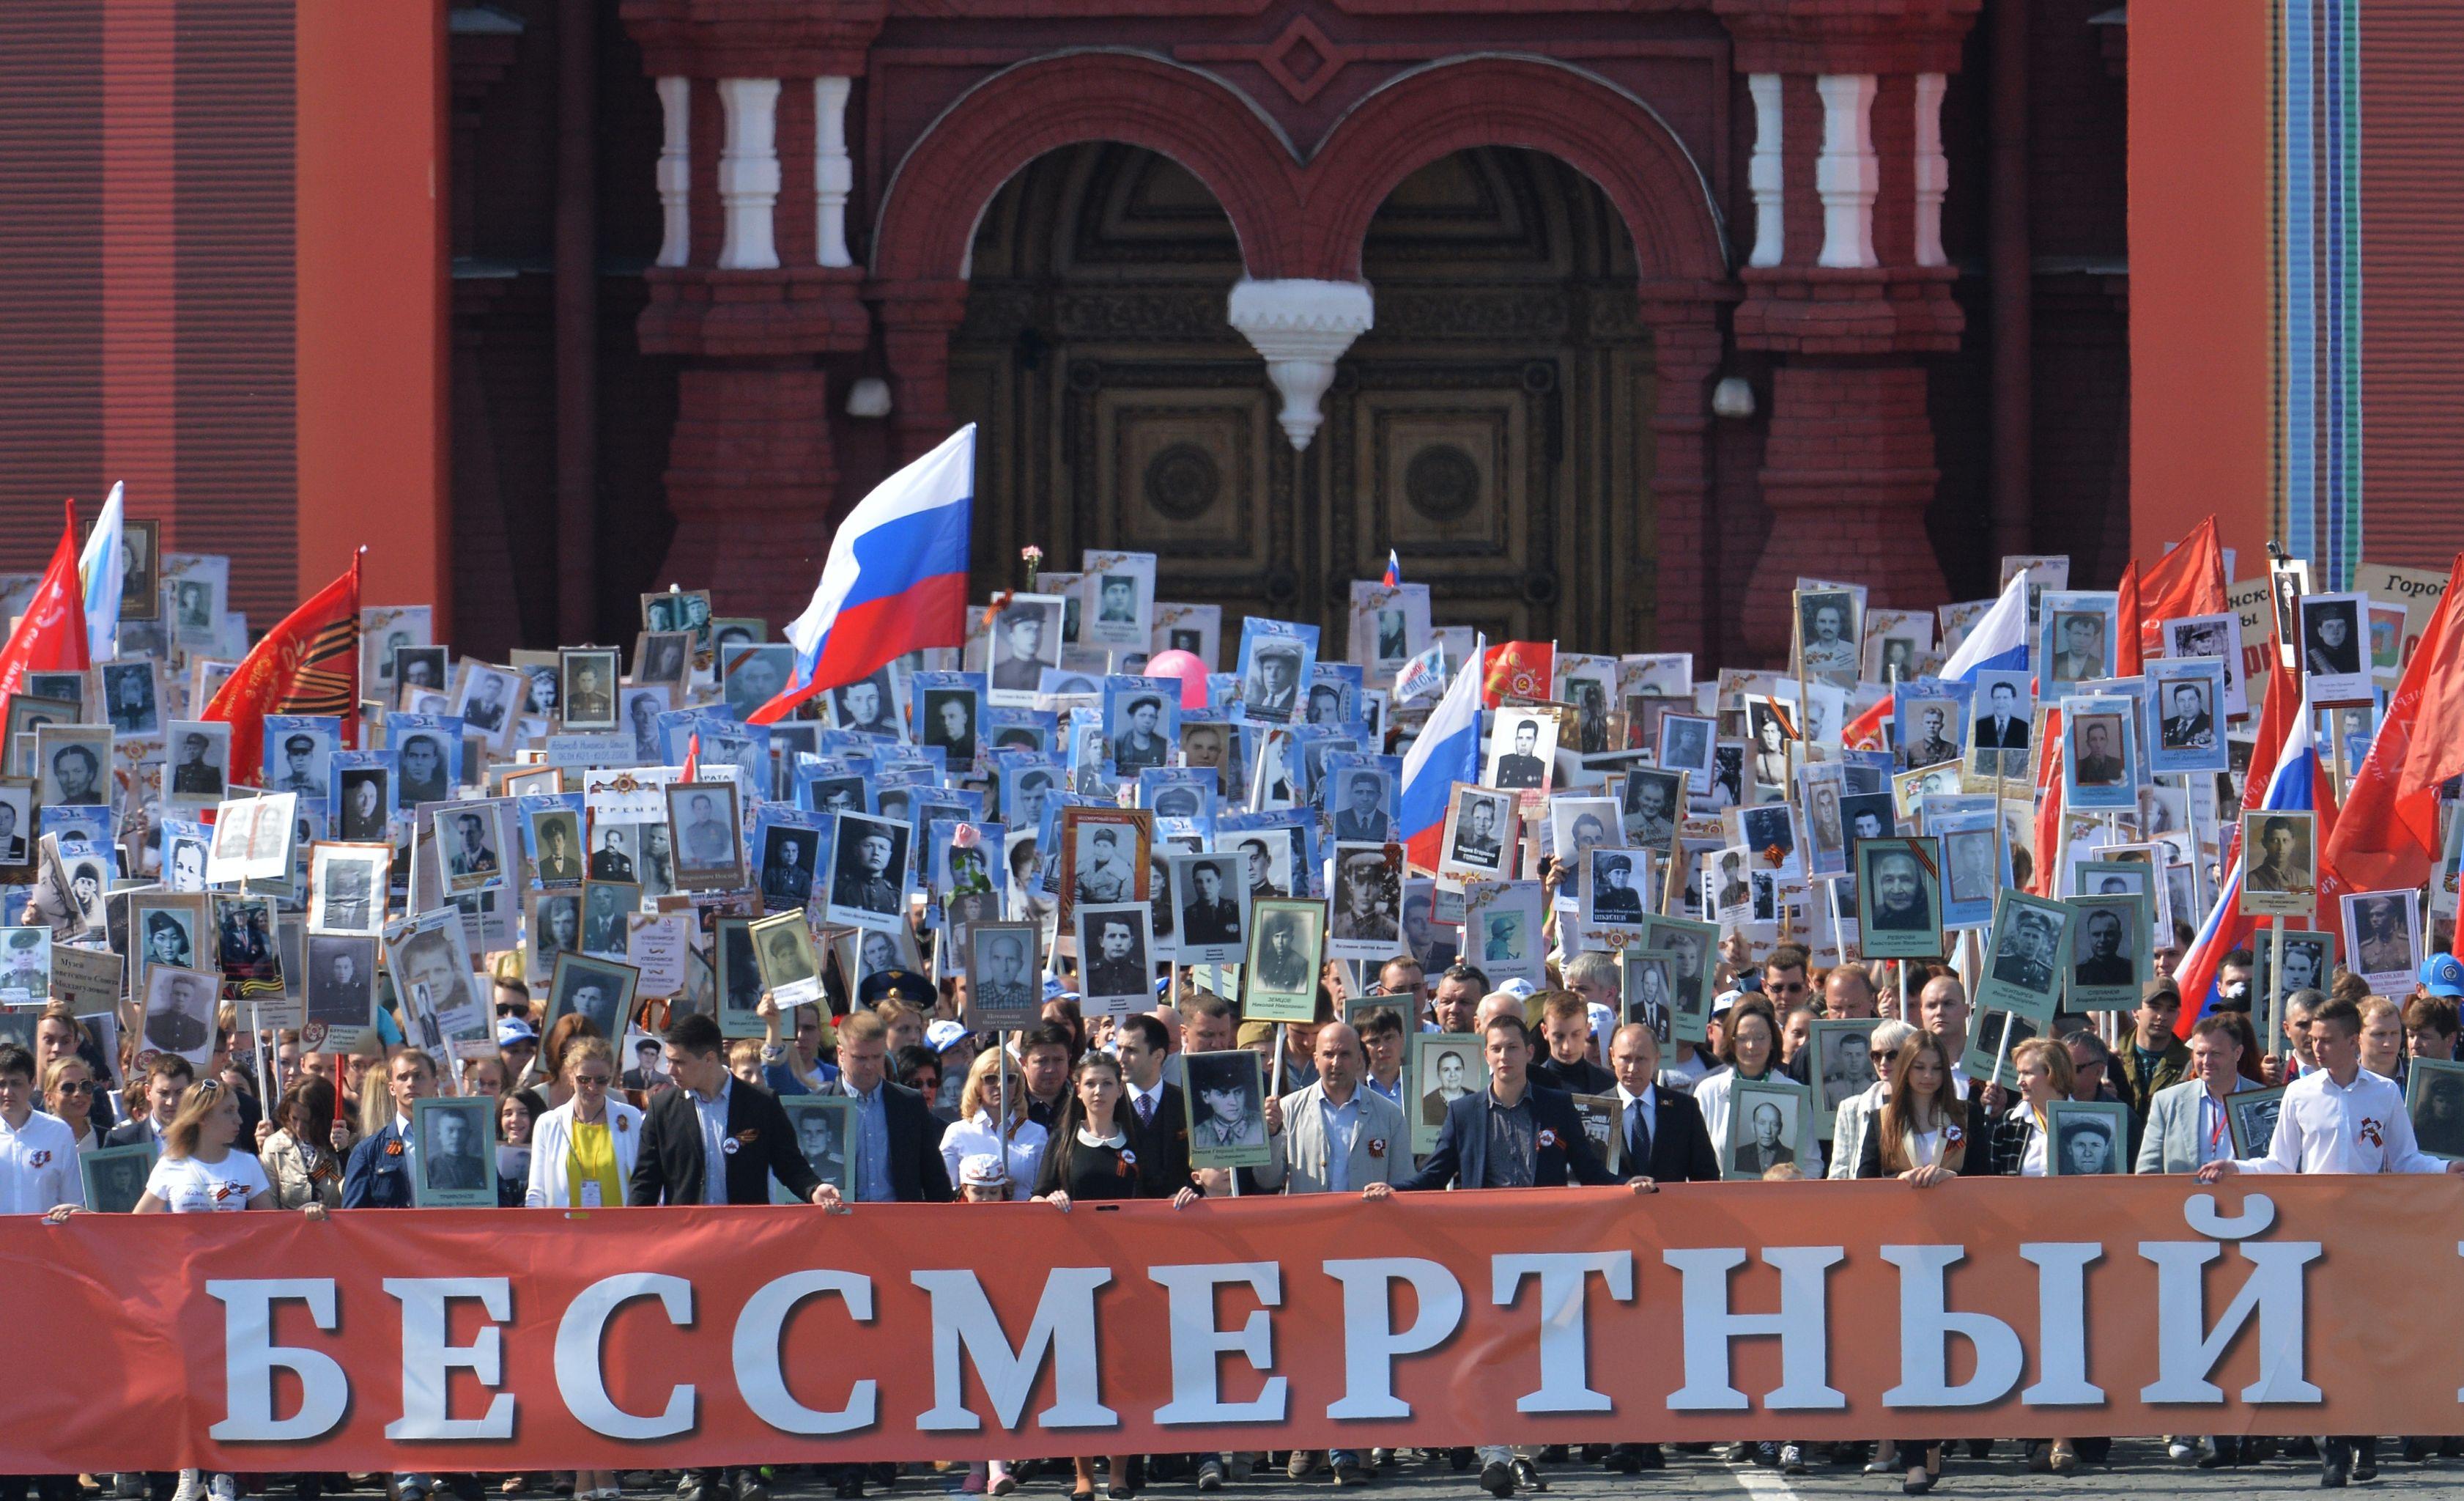 Участники шествия Региональной патриотической общественной организации Бессмертный полк Москва по Красной площади